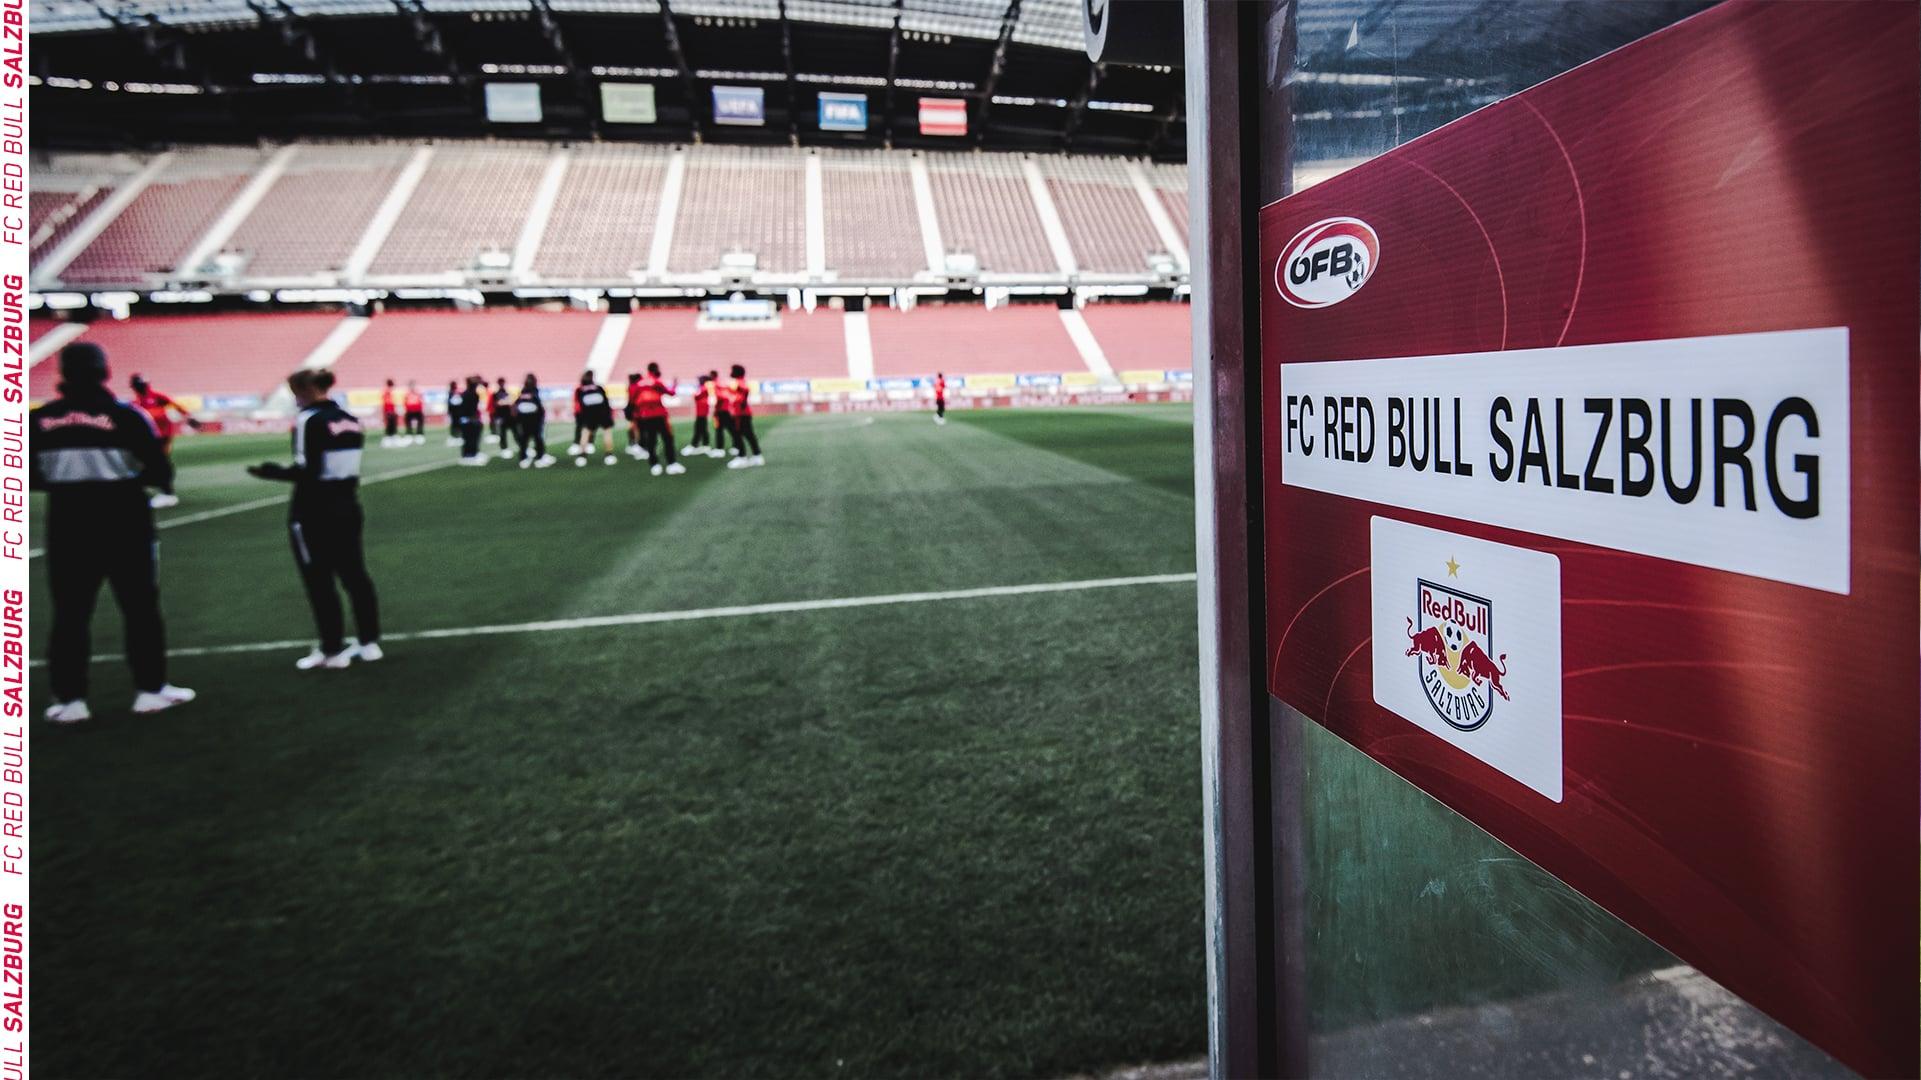 Com metas iguais, RB Salzburg e Brondby se enfrentam na tarde desta terça-feira (17), às 16h, na Red Bull Arena, em Salzburgo, na Áustria